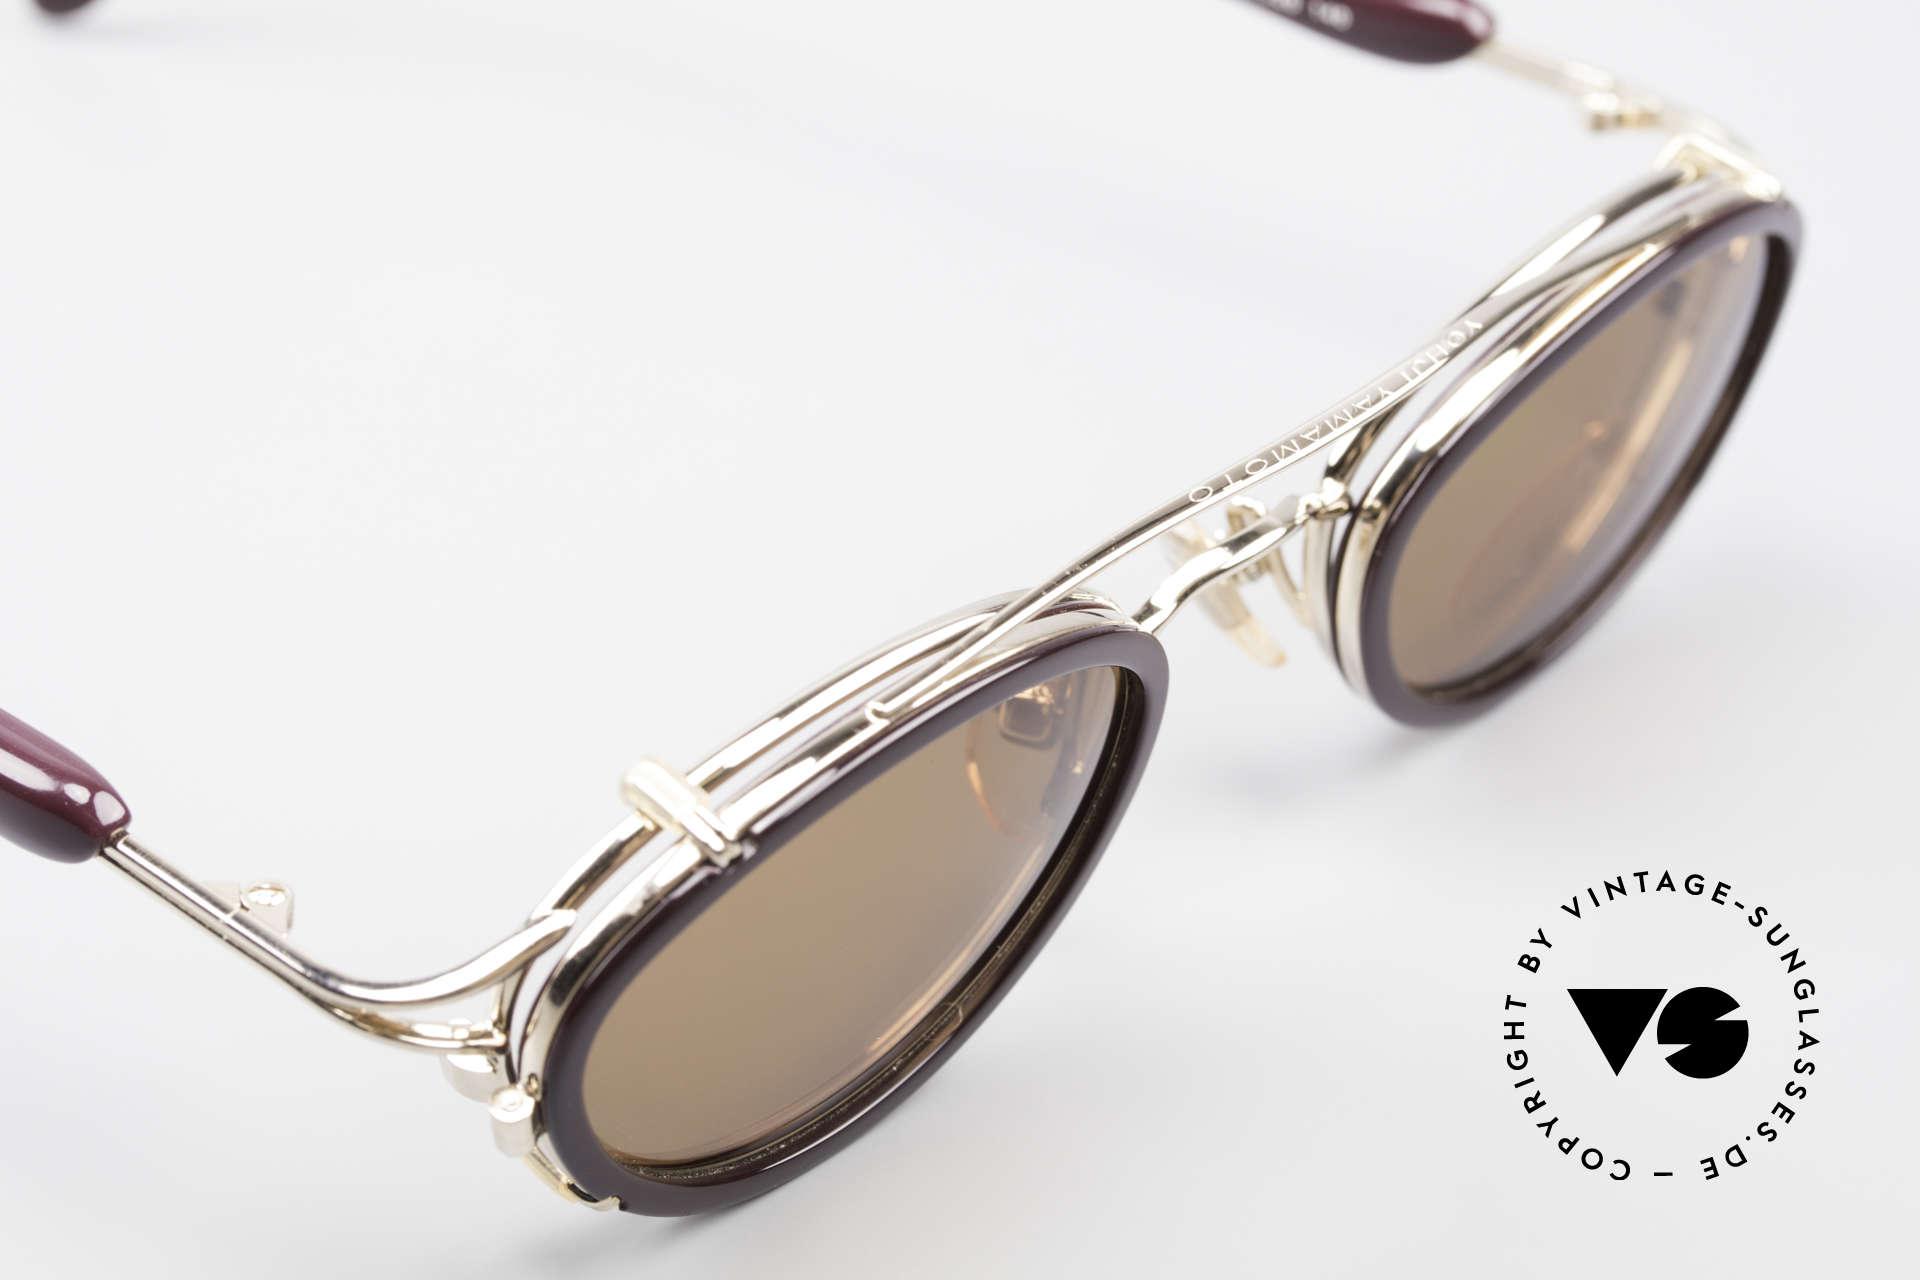 Yohji Yamamoto 51-7210 90er No Retro Clip-On Brille, ein altes Yamamoto Original; KEINE neue Retrobrille!, Passend für Herren und Damen